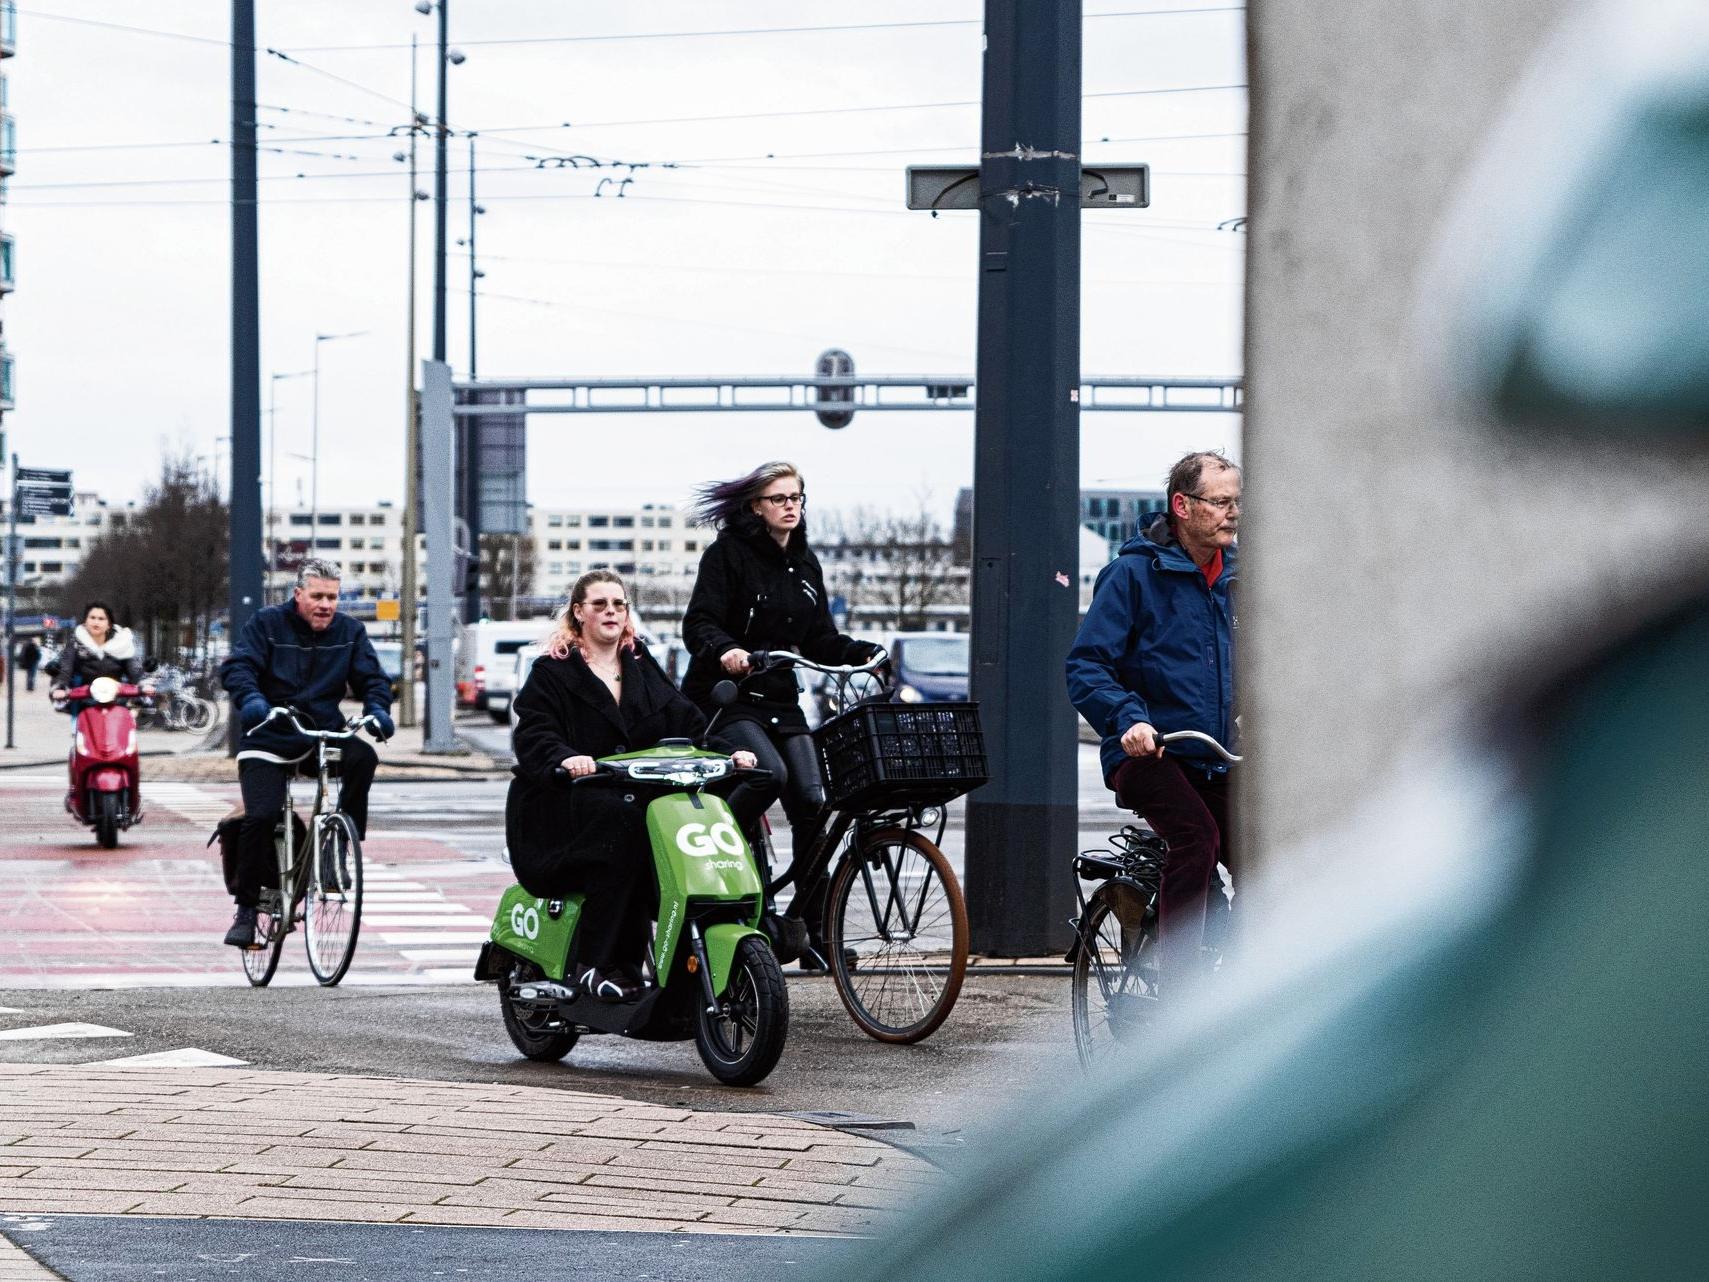 Elektrische deelscooter moet stad van auto's verlossen